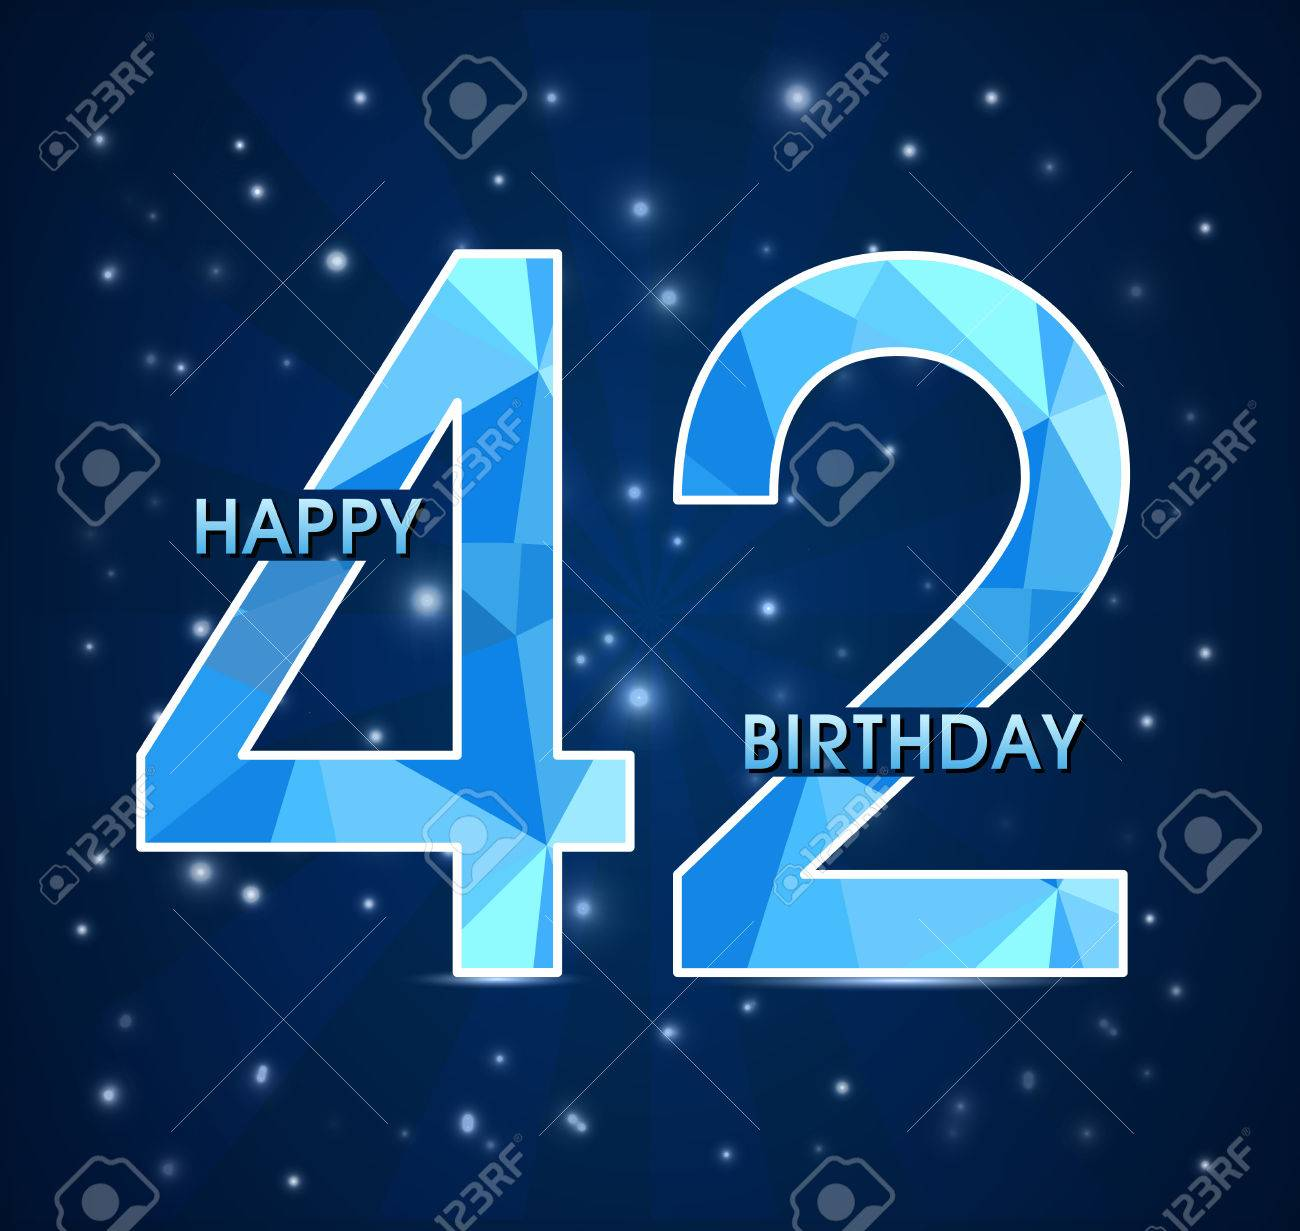 Поздравления с днем рождения мужчины 42 года